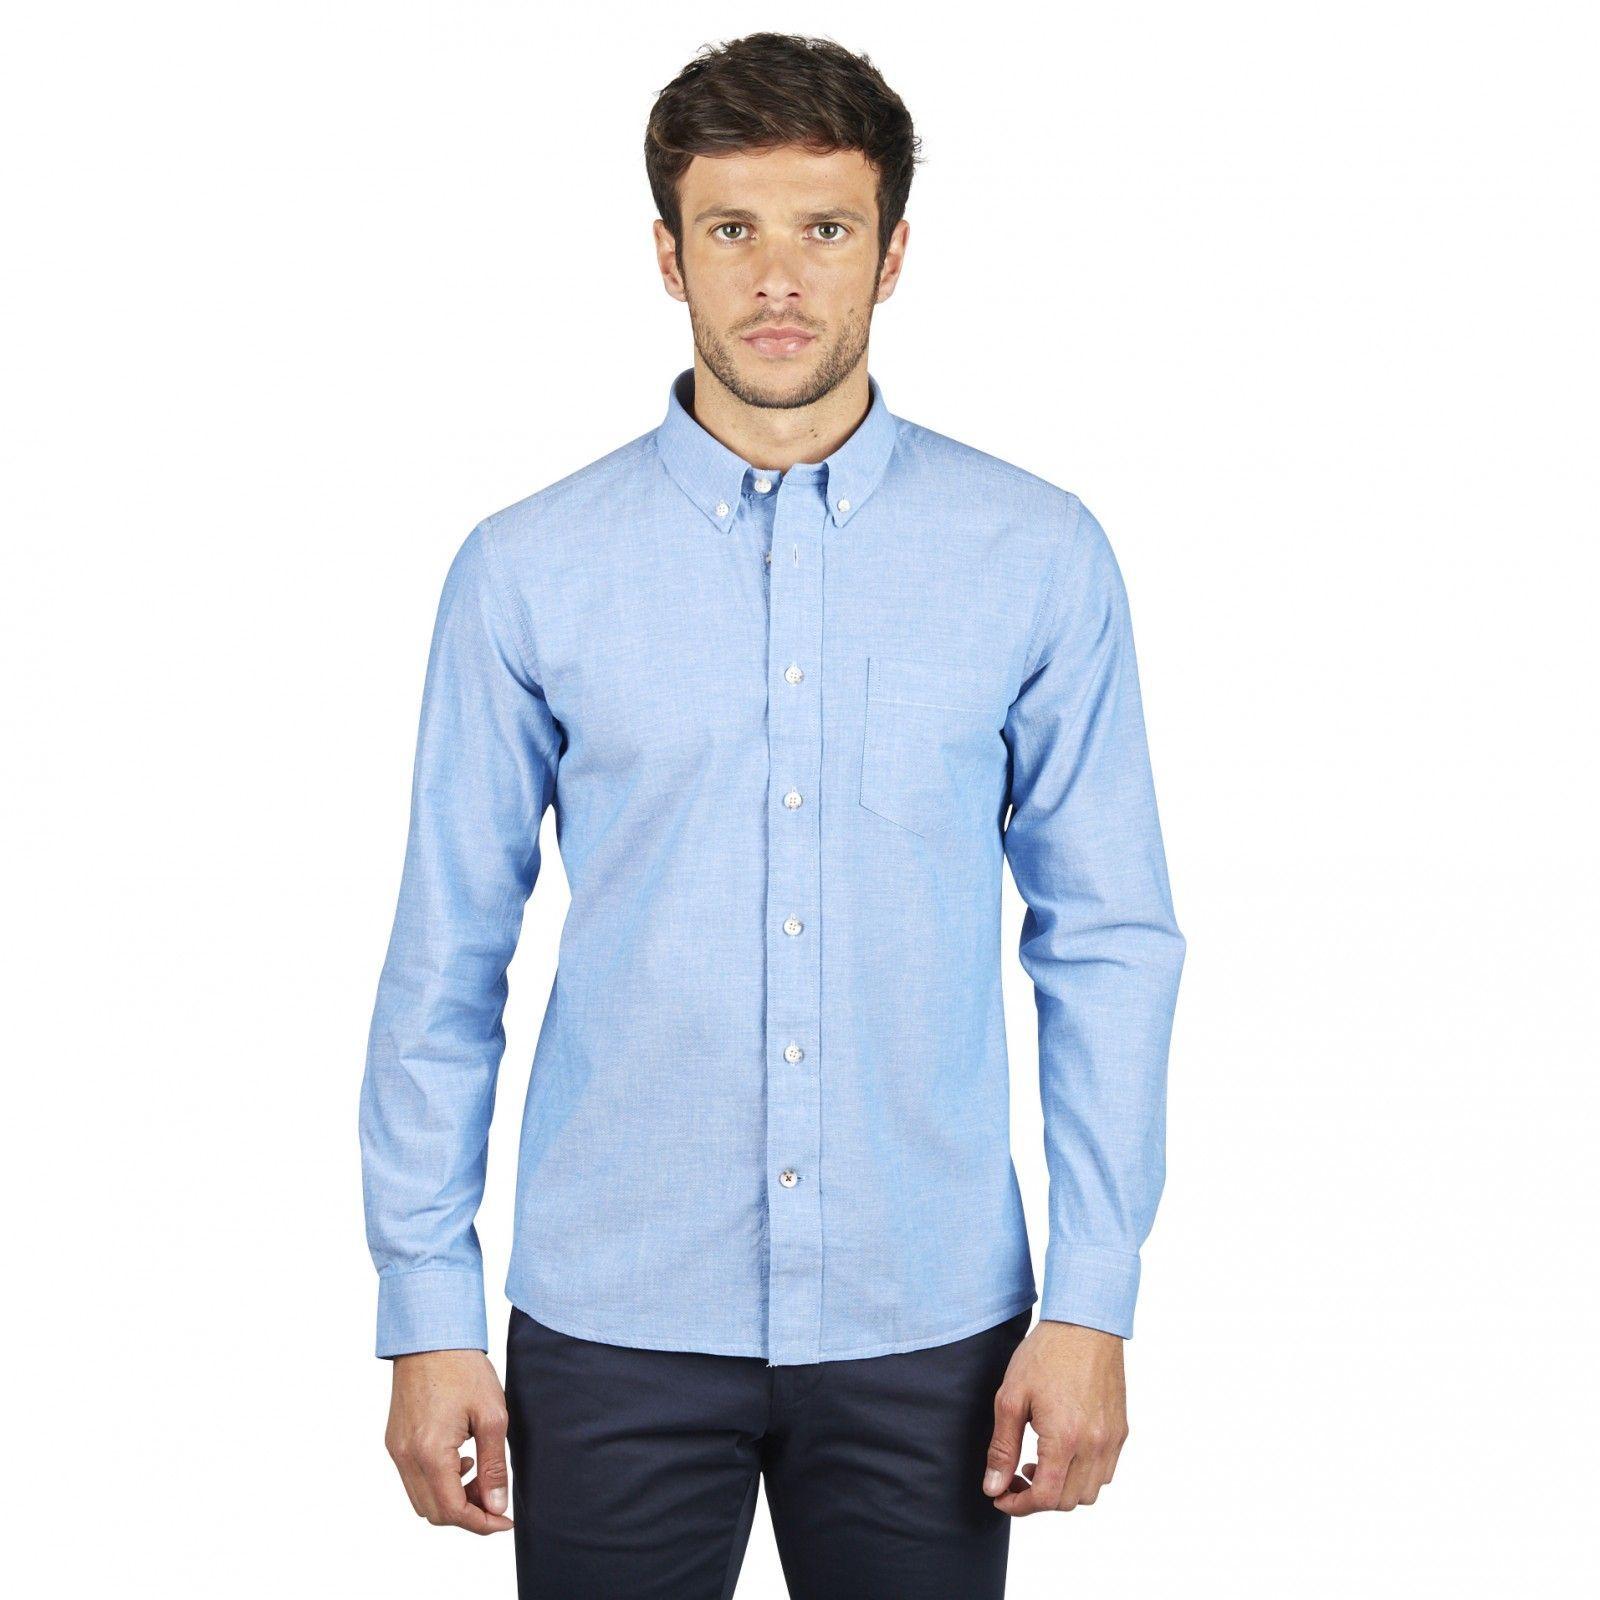 64e84d0a633 Chemise pour homme bleu denim. La chemise casual Hast en coton oxford à la  coupe